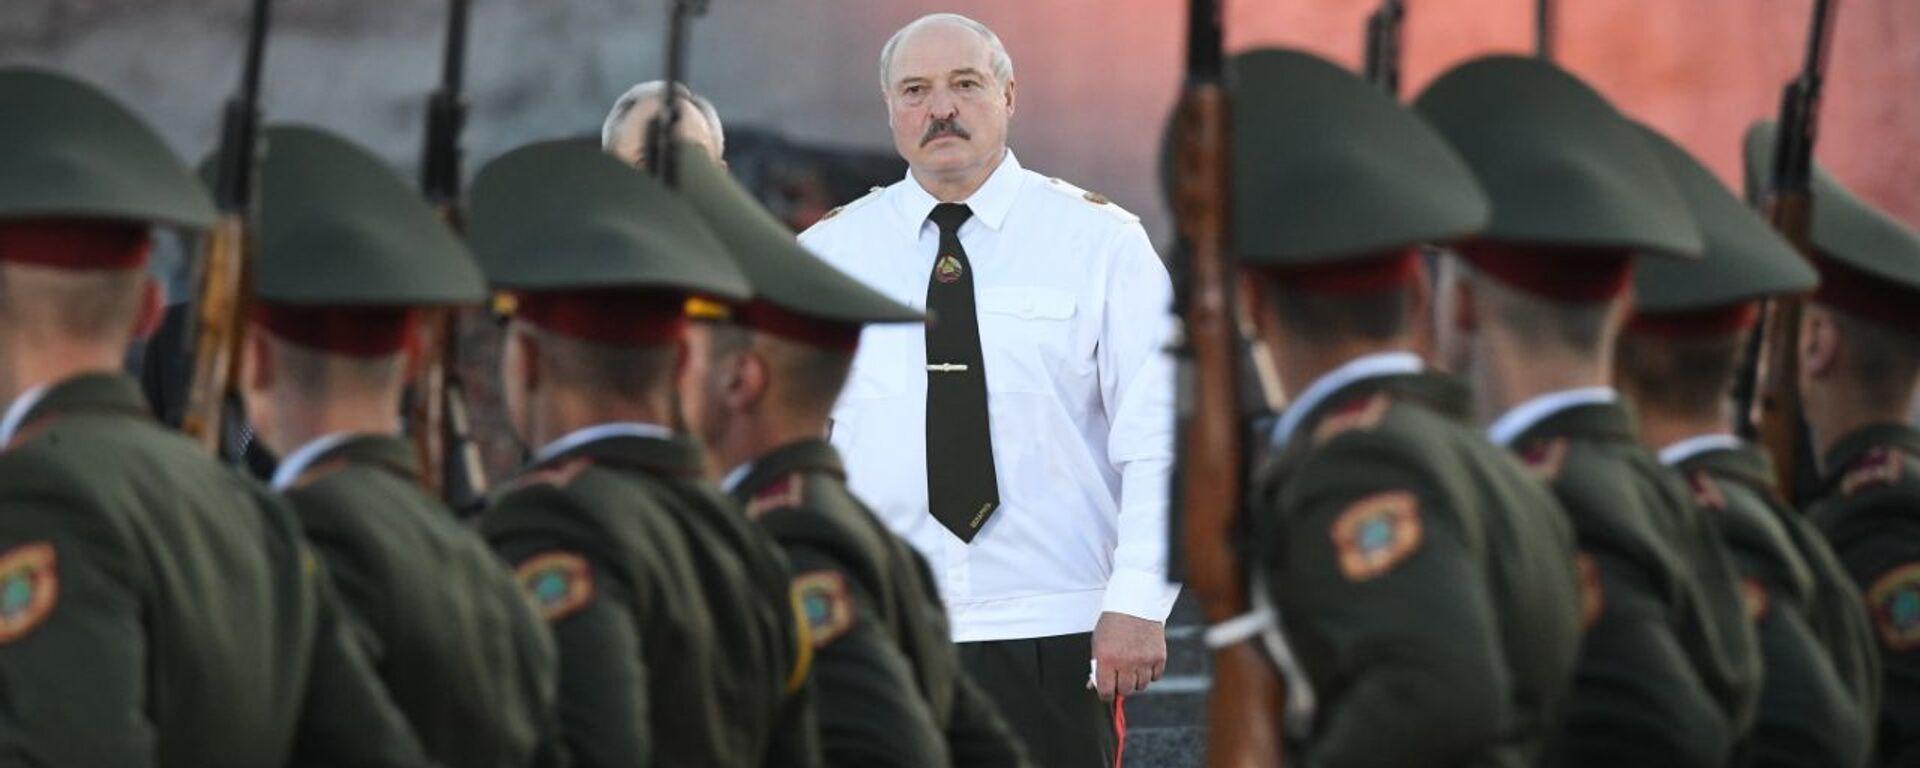 Александр Лукашенко в Бресте - Sputnik Беларусь, 1920, 22.06.2021